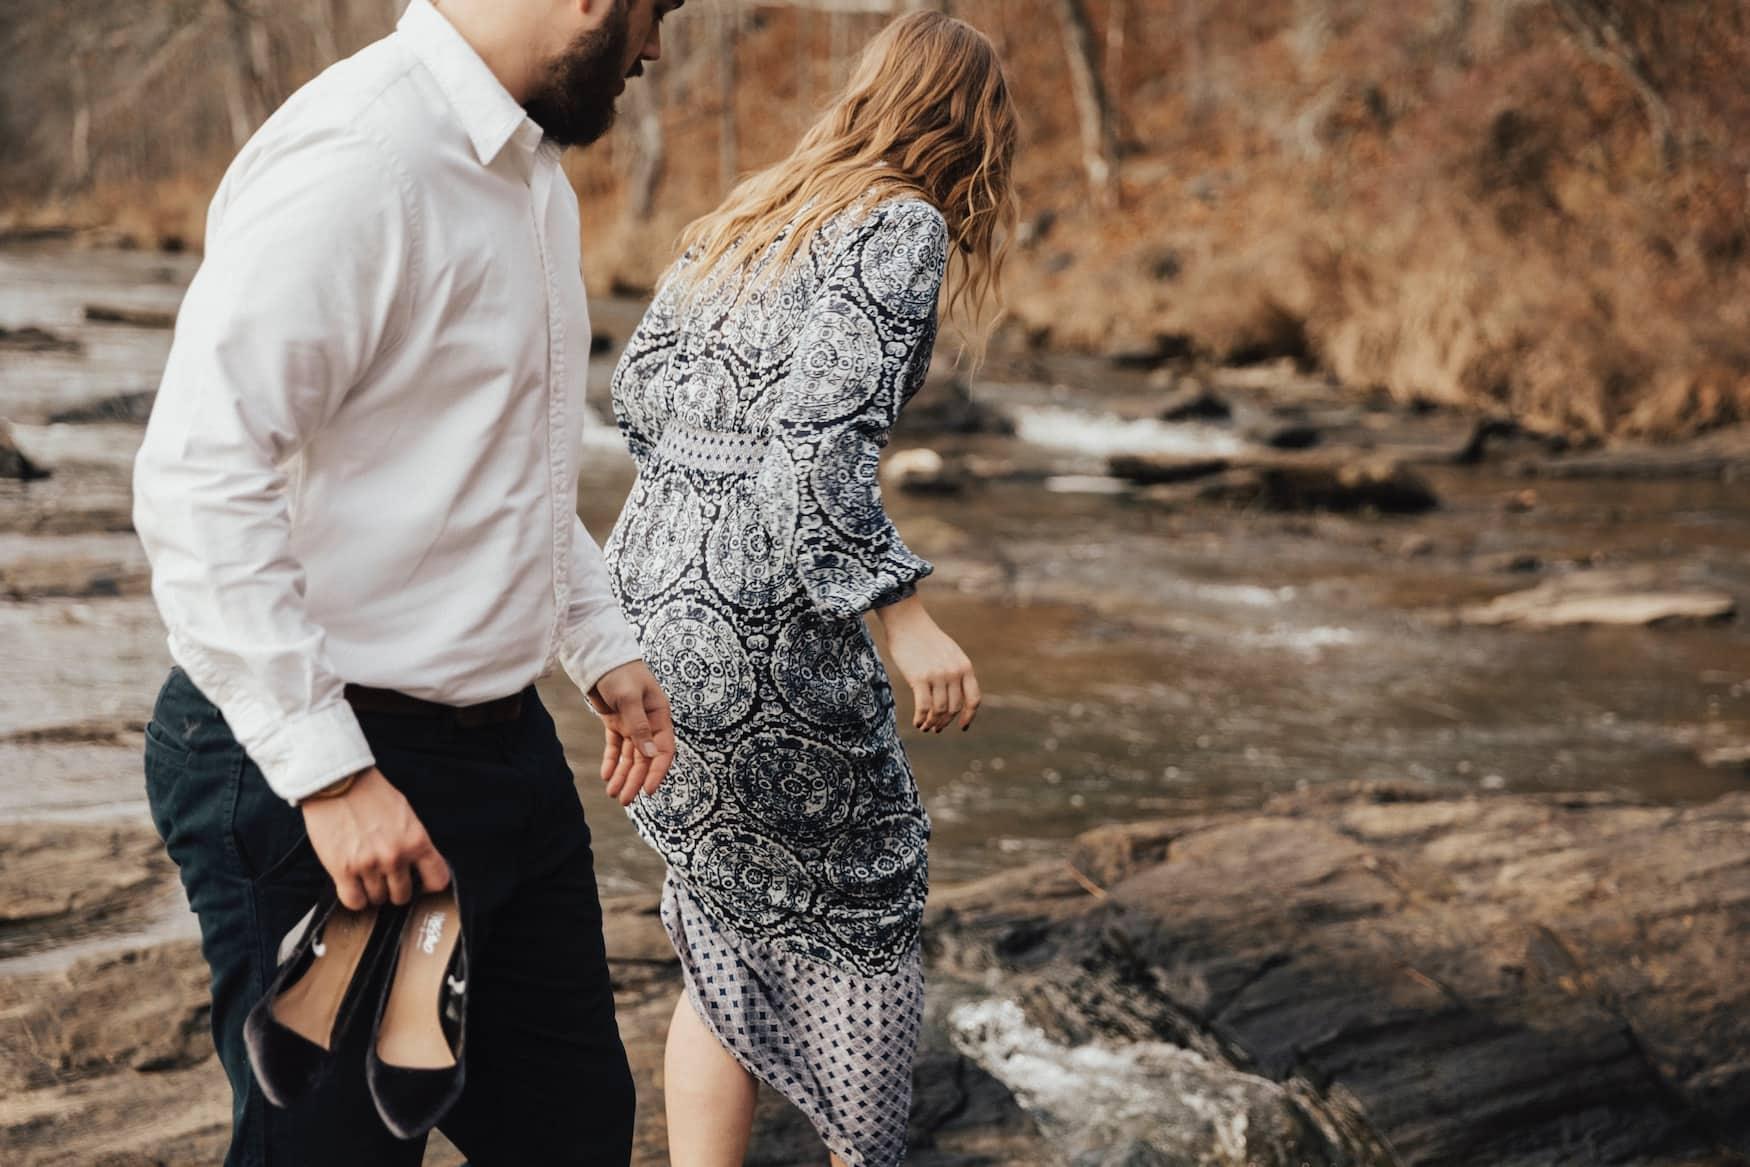 Mann und Frau in schicken Klamotten laufen durch Wald